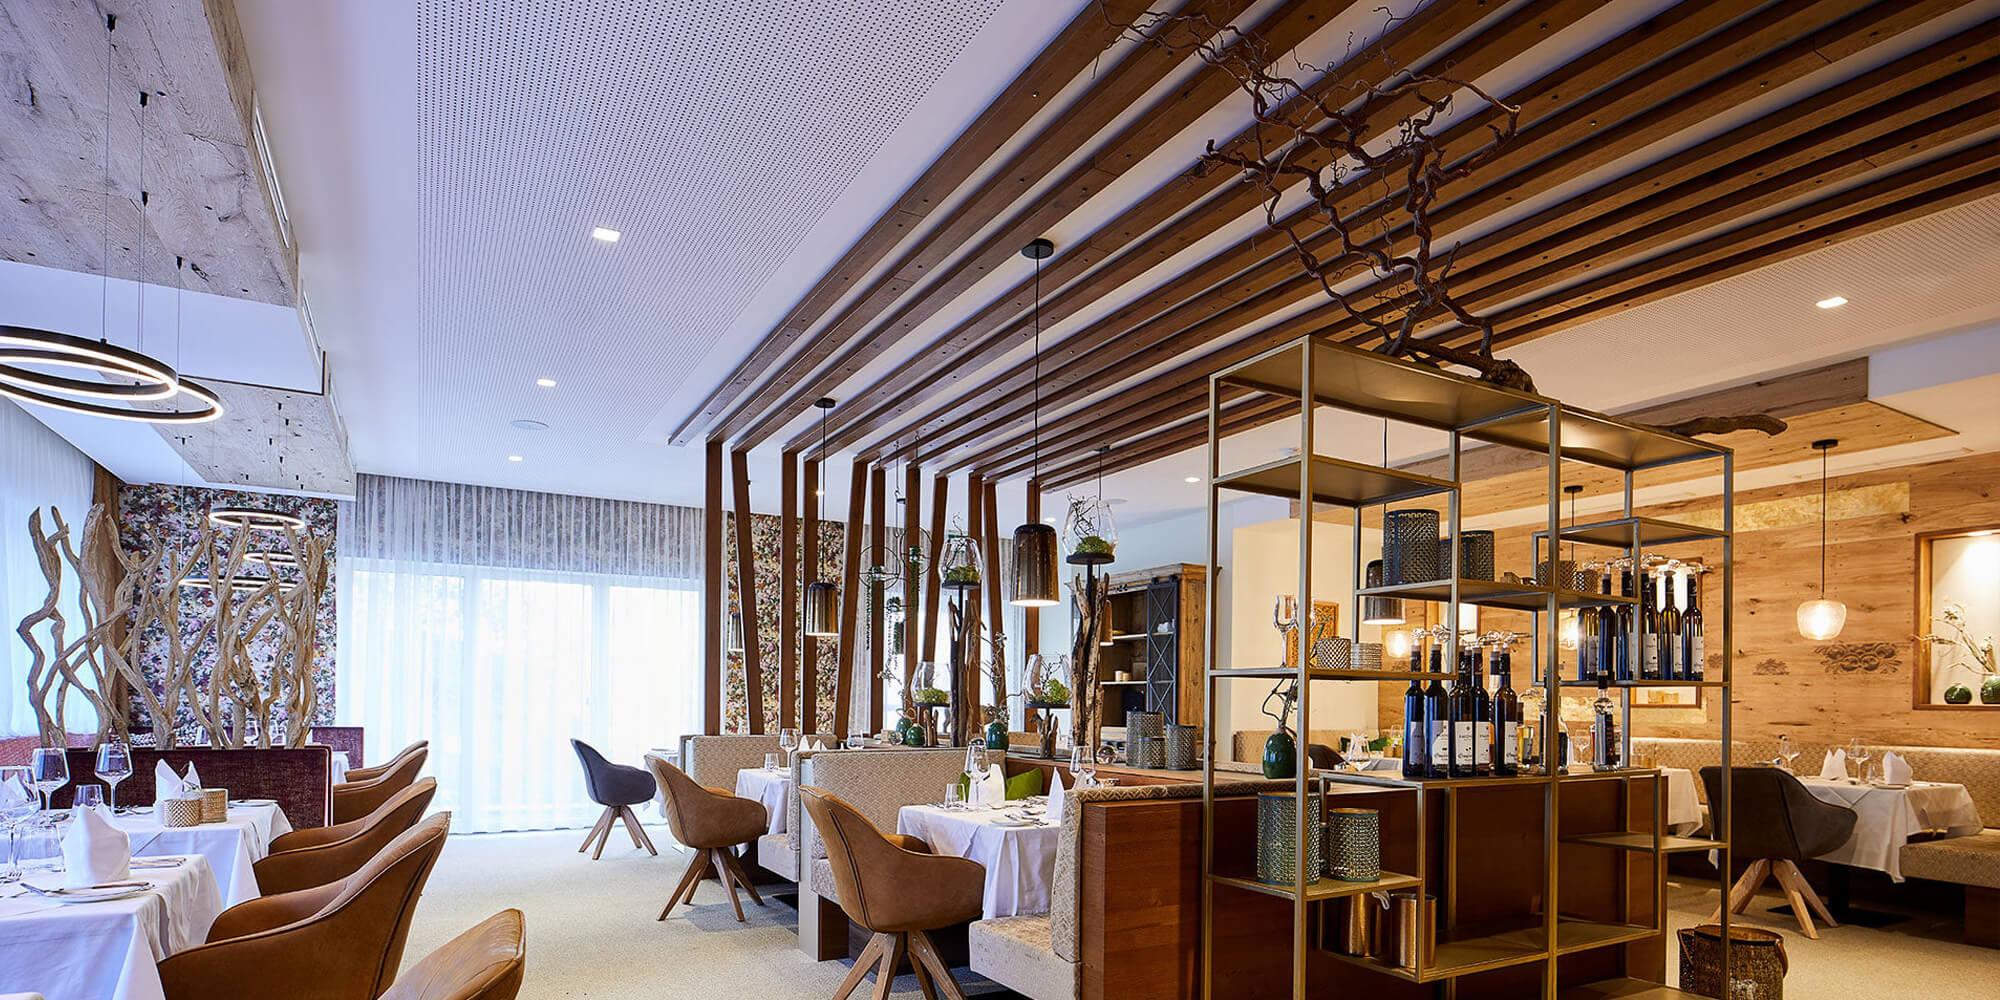 Crea-Plan-Design-Rauch-Frühmann-Architektur-Innenarchitektur-Design-Projekt-Referenz-Hotelerie-Gastronomie-Hotel-Guglwald-Restaurant-B